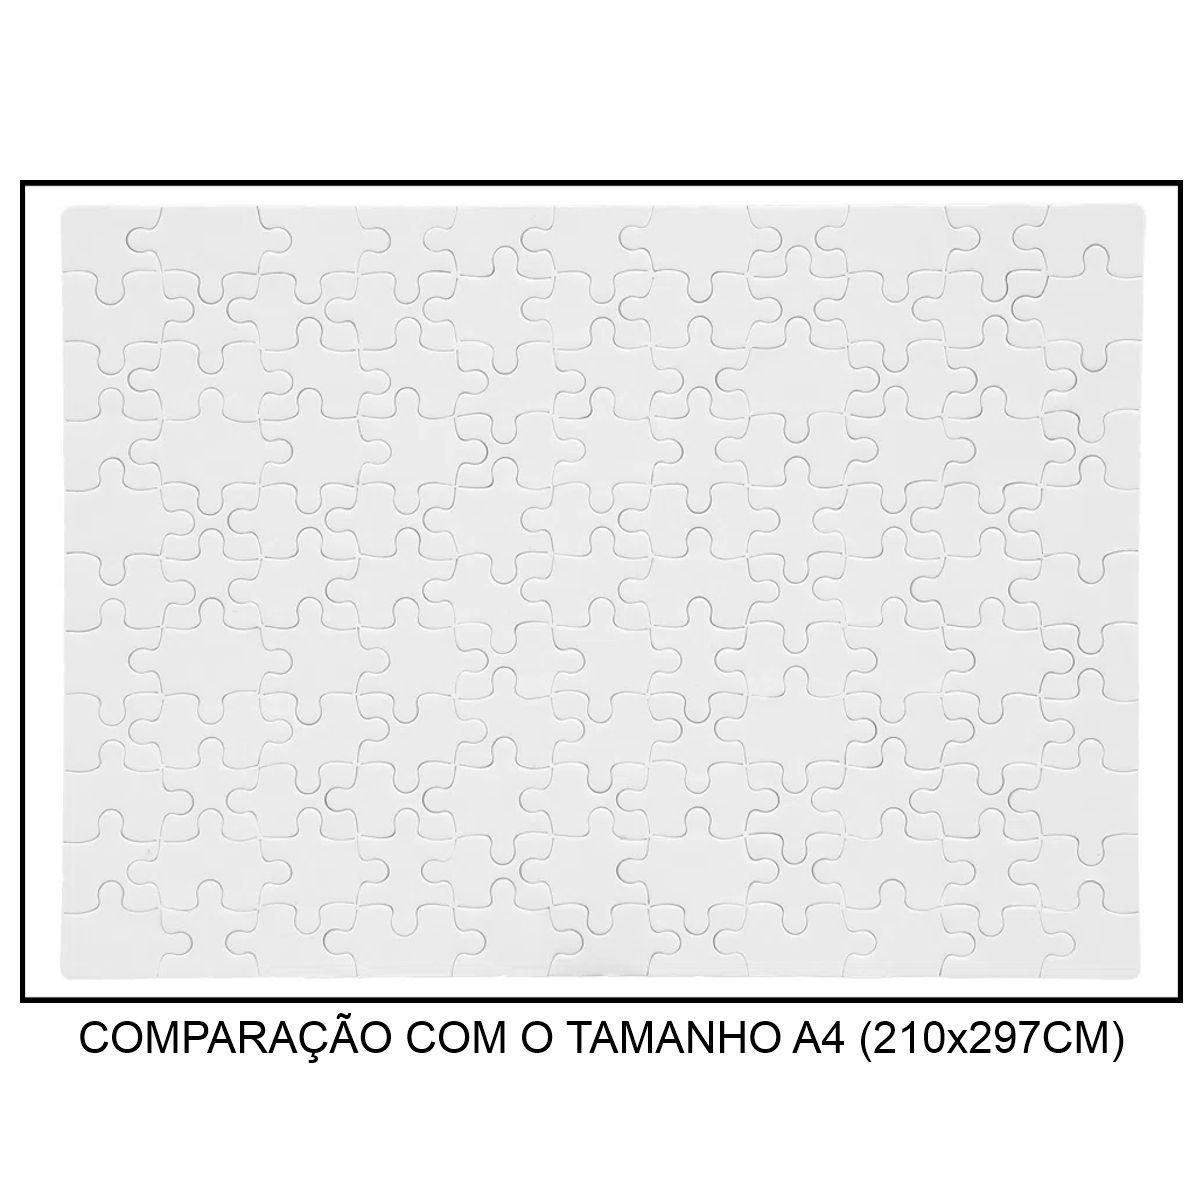 QUEBRA-CABEÇA BRANCO PARA SUBLIMAÇÃO - TAMANHO: 19x27CM (A4) - 121 PEÇAS